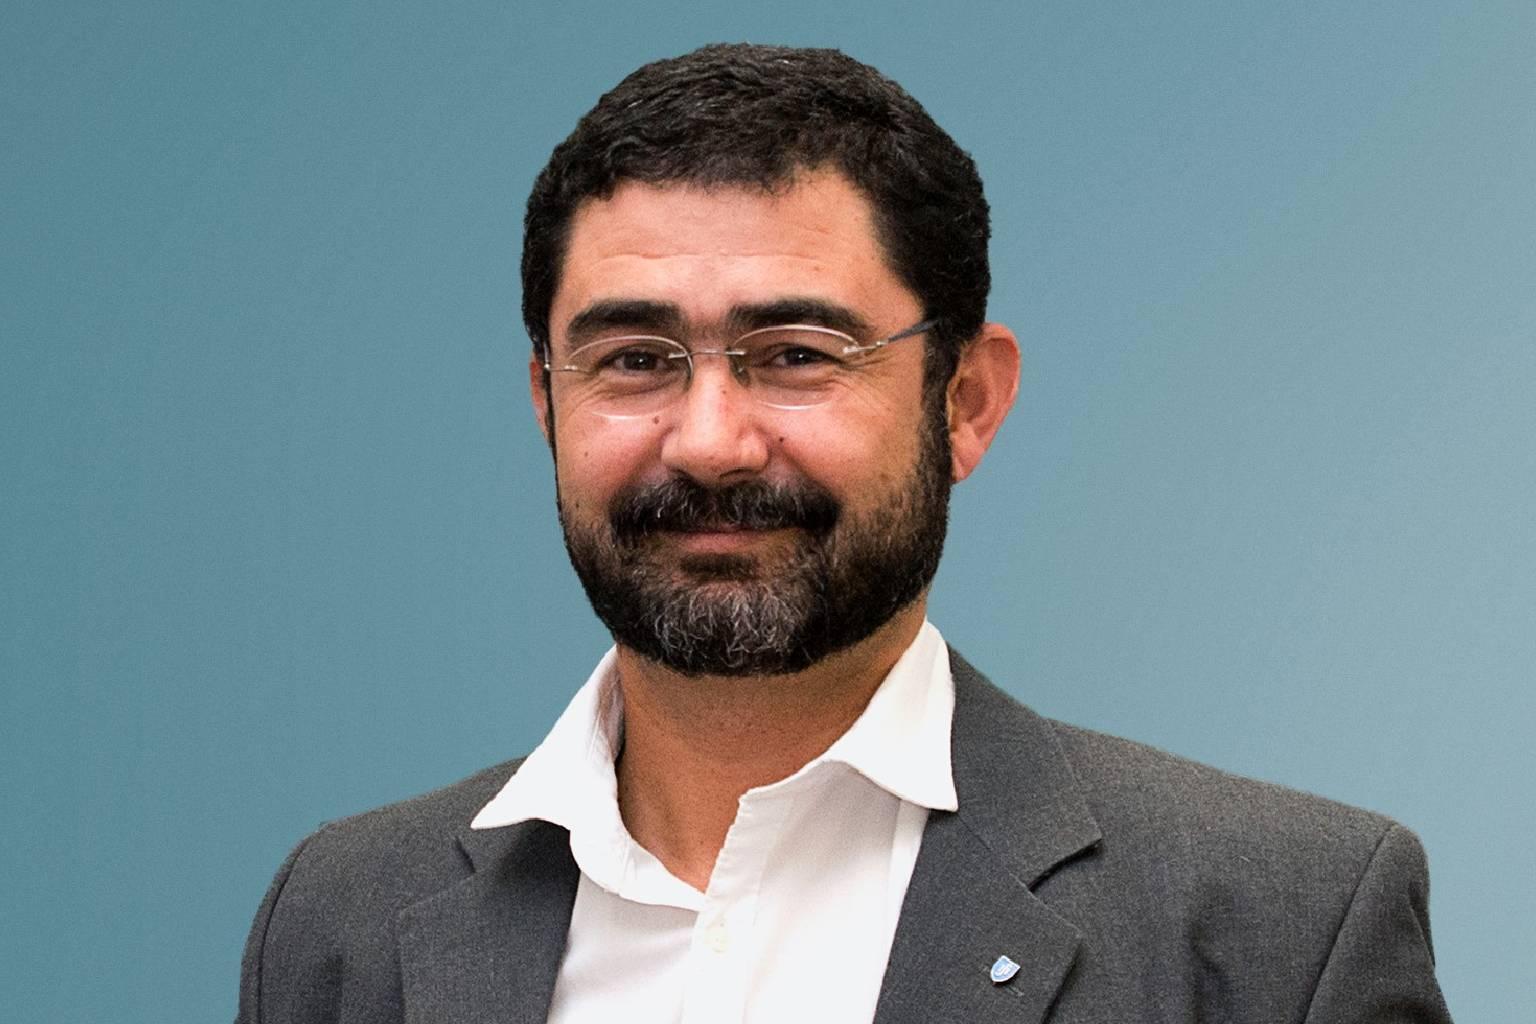 professor-rogerio-colaco-presidente-do-instituto-superior-tecnico